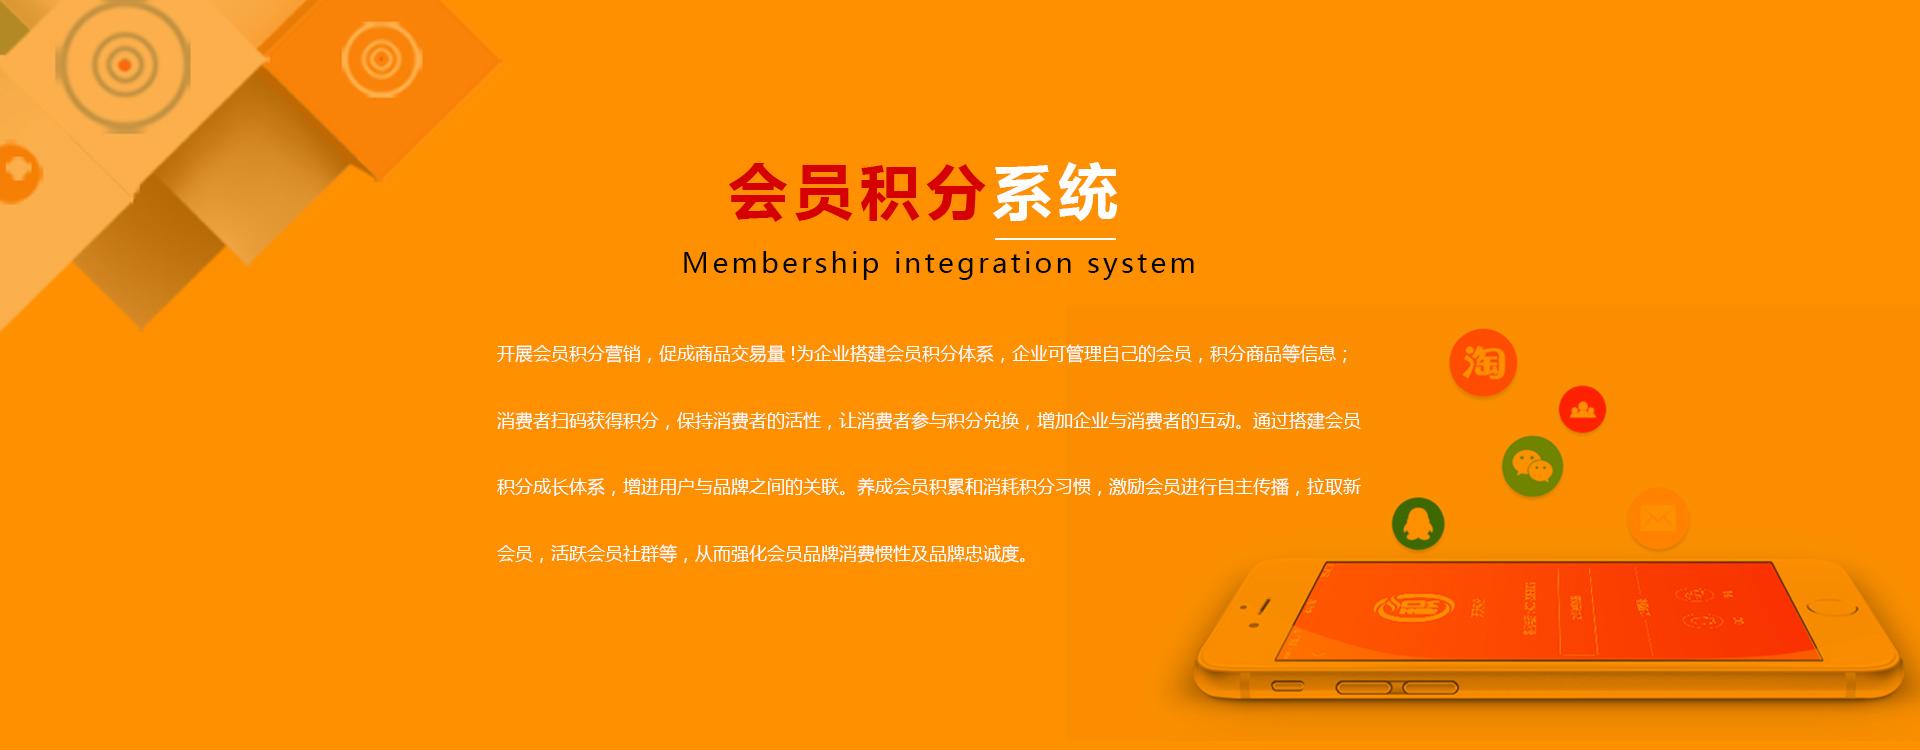 会员积分系统